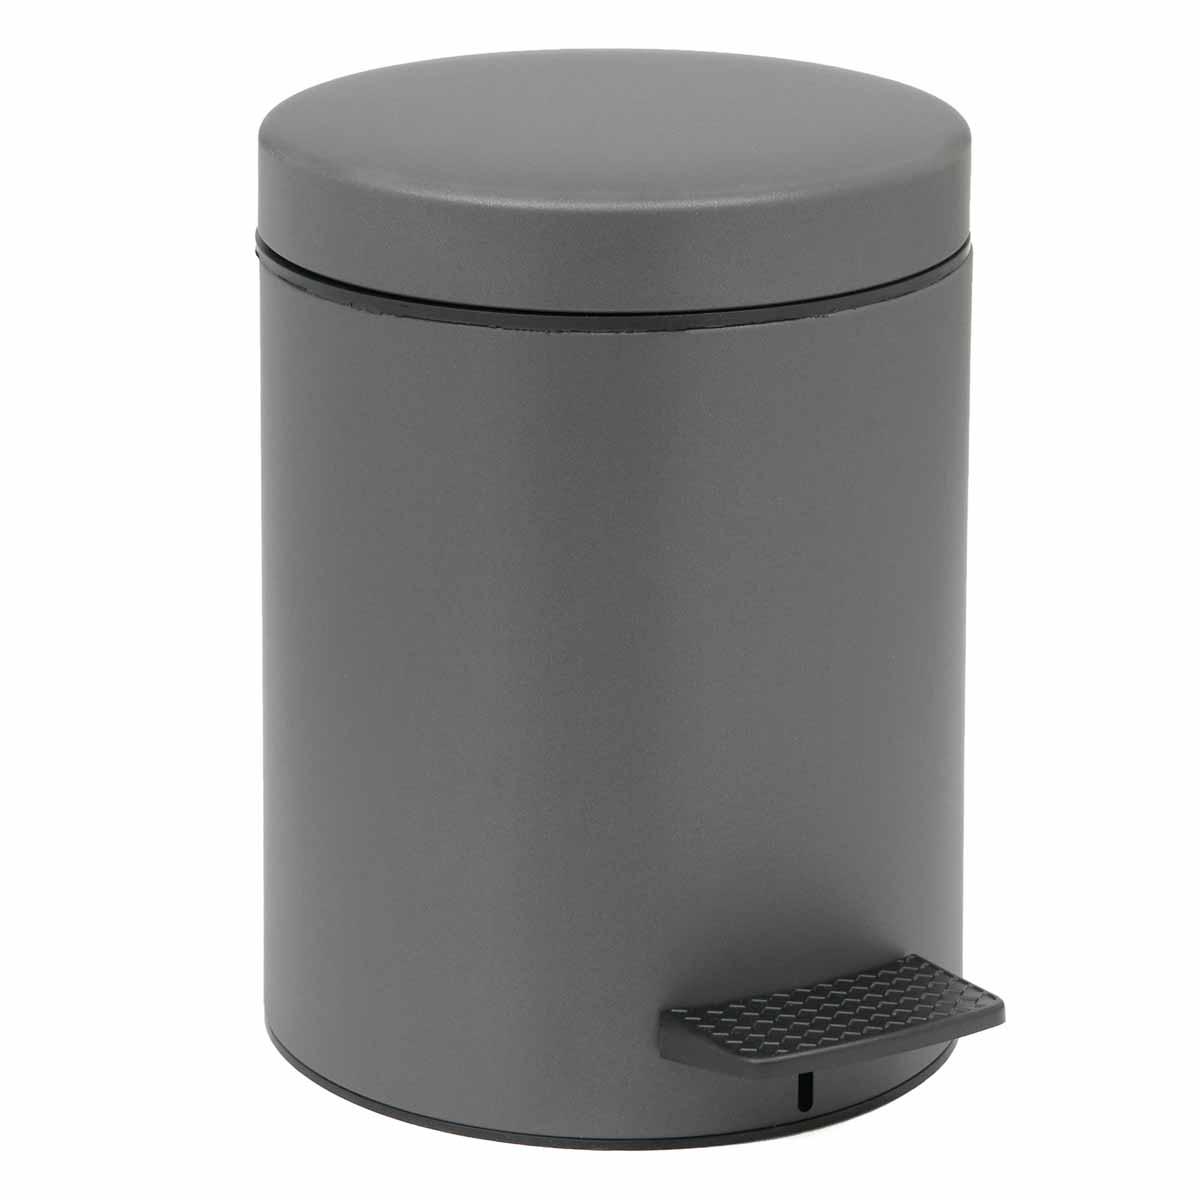 Κάδος Απορριμμάτων (23×32) PamCo 8Lit 500 Anthracite Matte